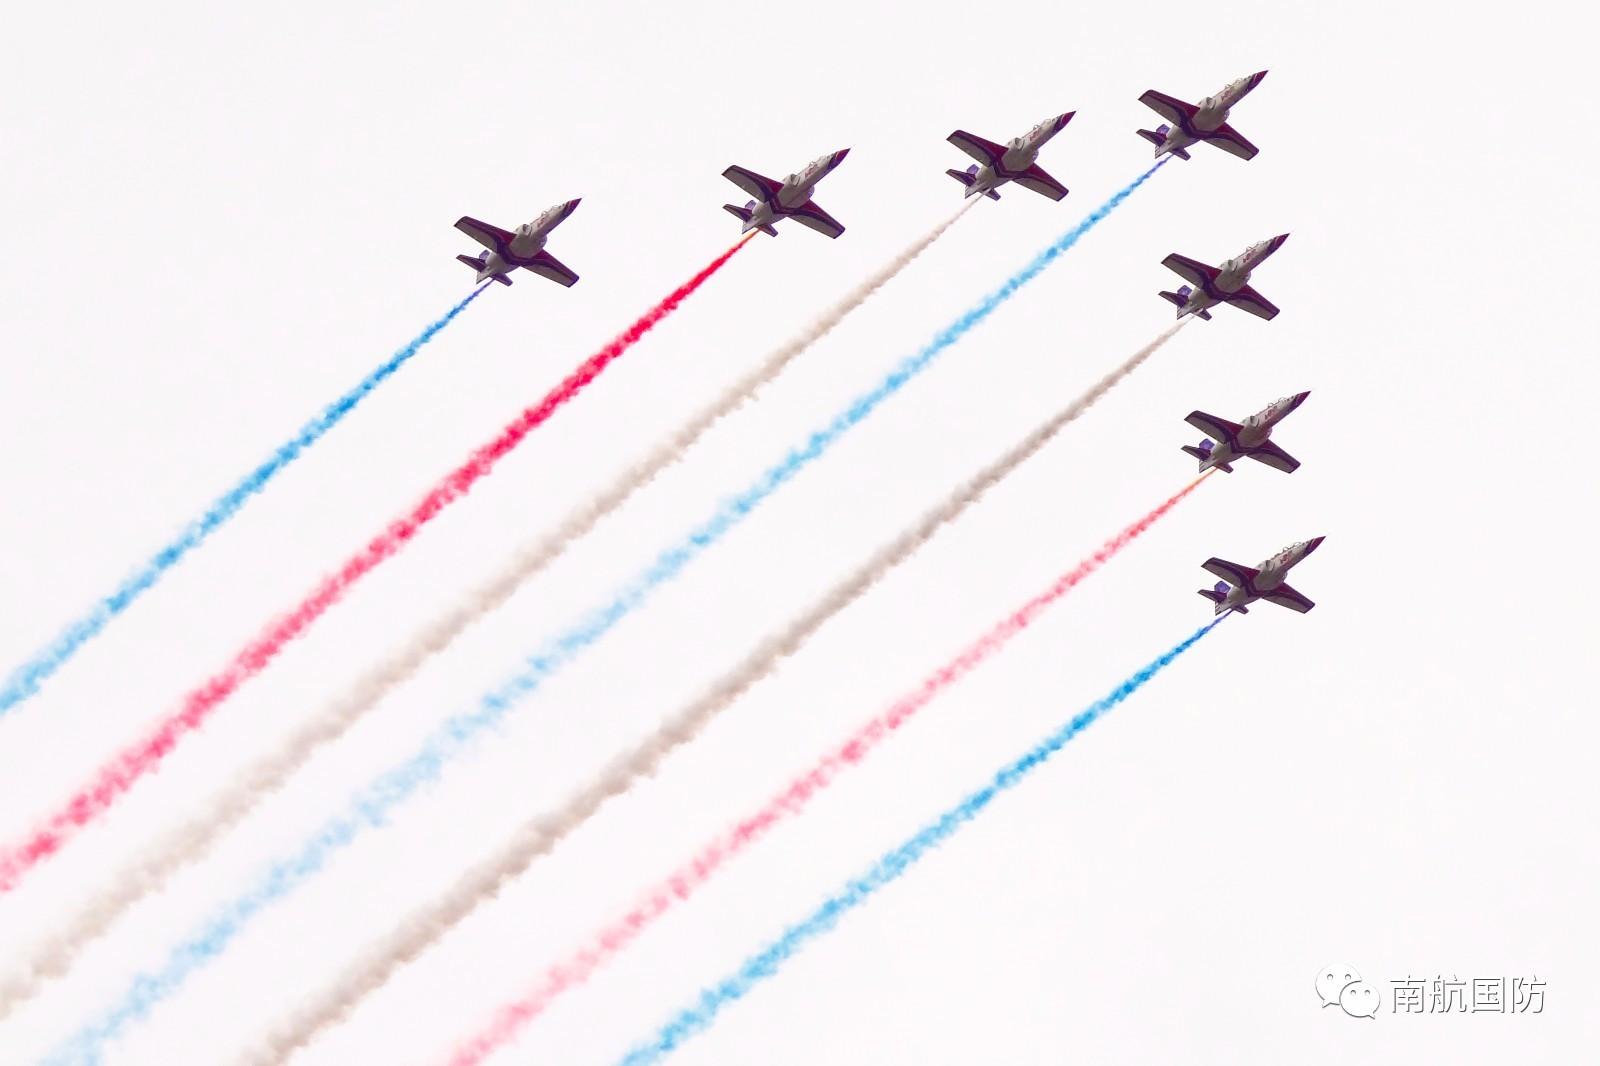 南航空飞天_【高校新闻】飞天的梦想,从这里起航   南航举行2017级新生军训动员